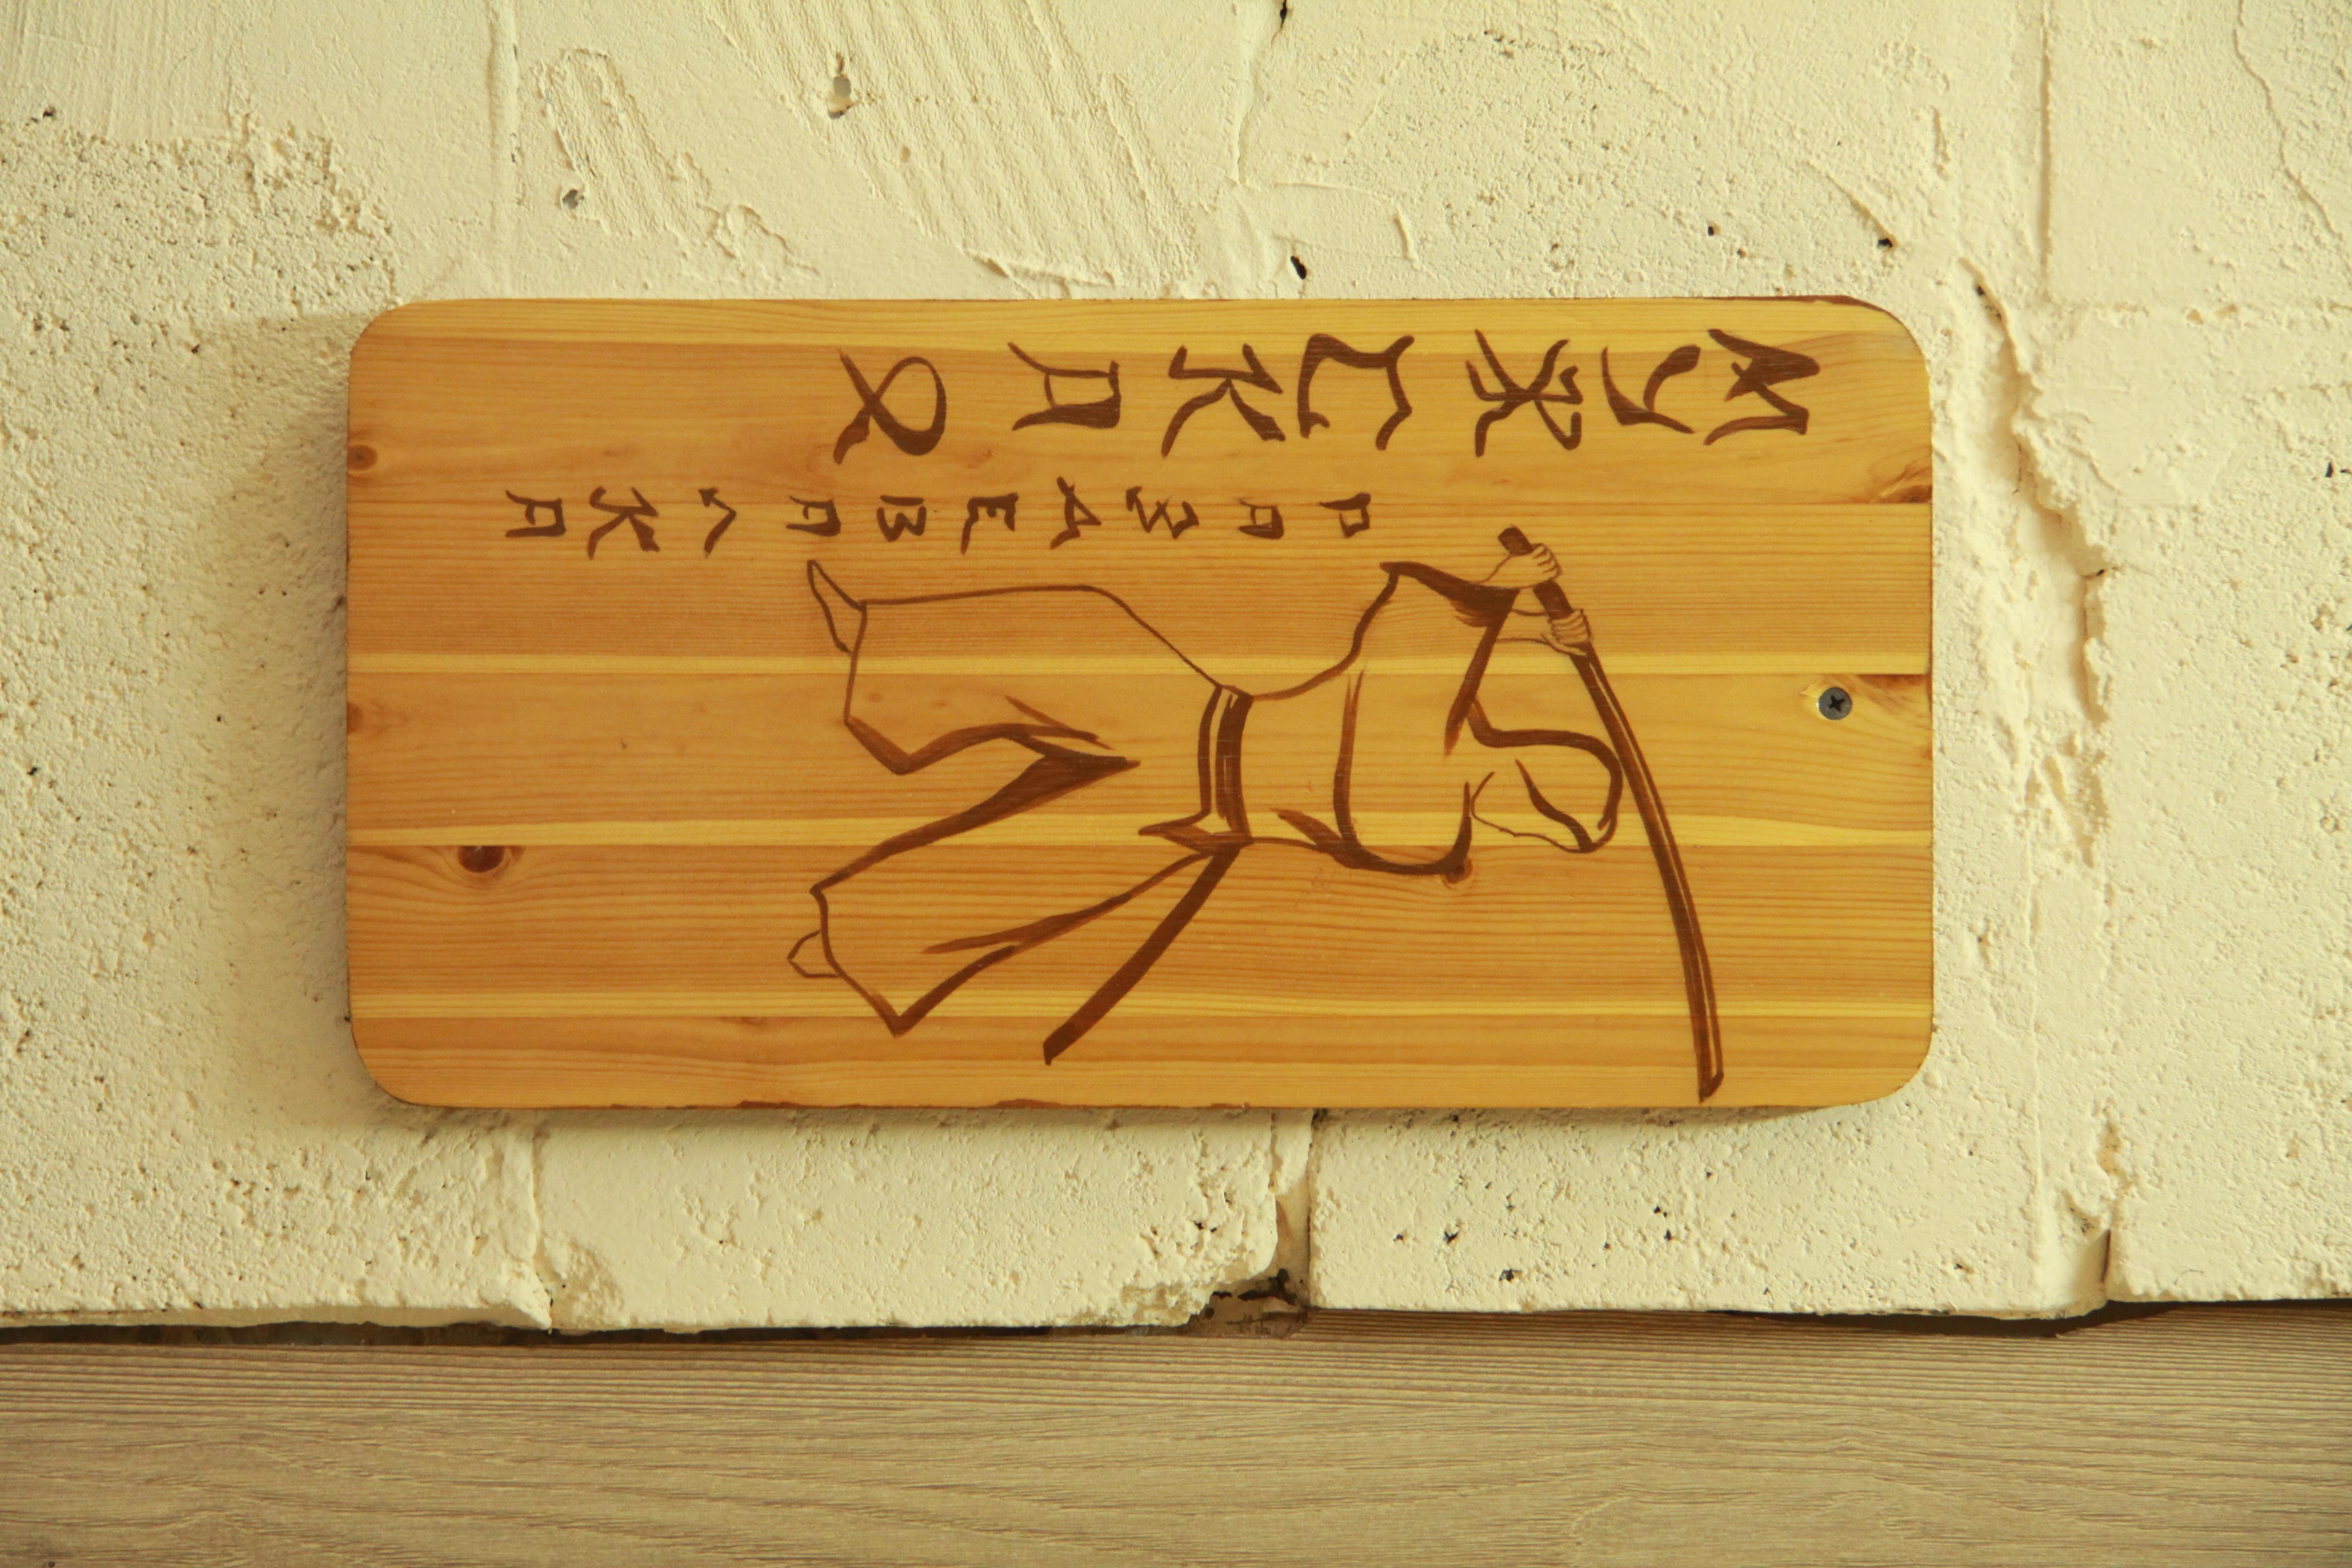 Мужская раздевалка(айкидо)